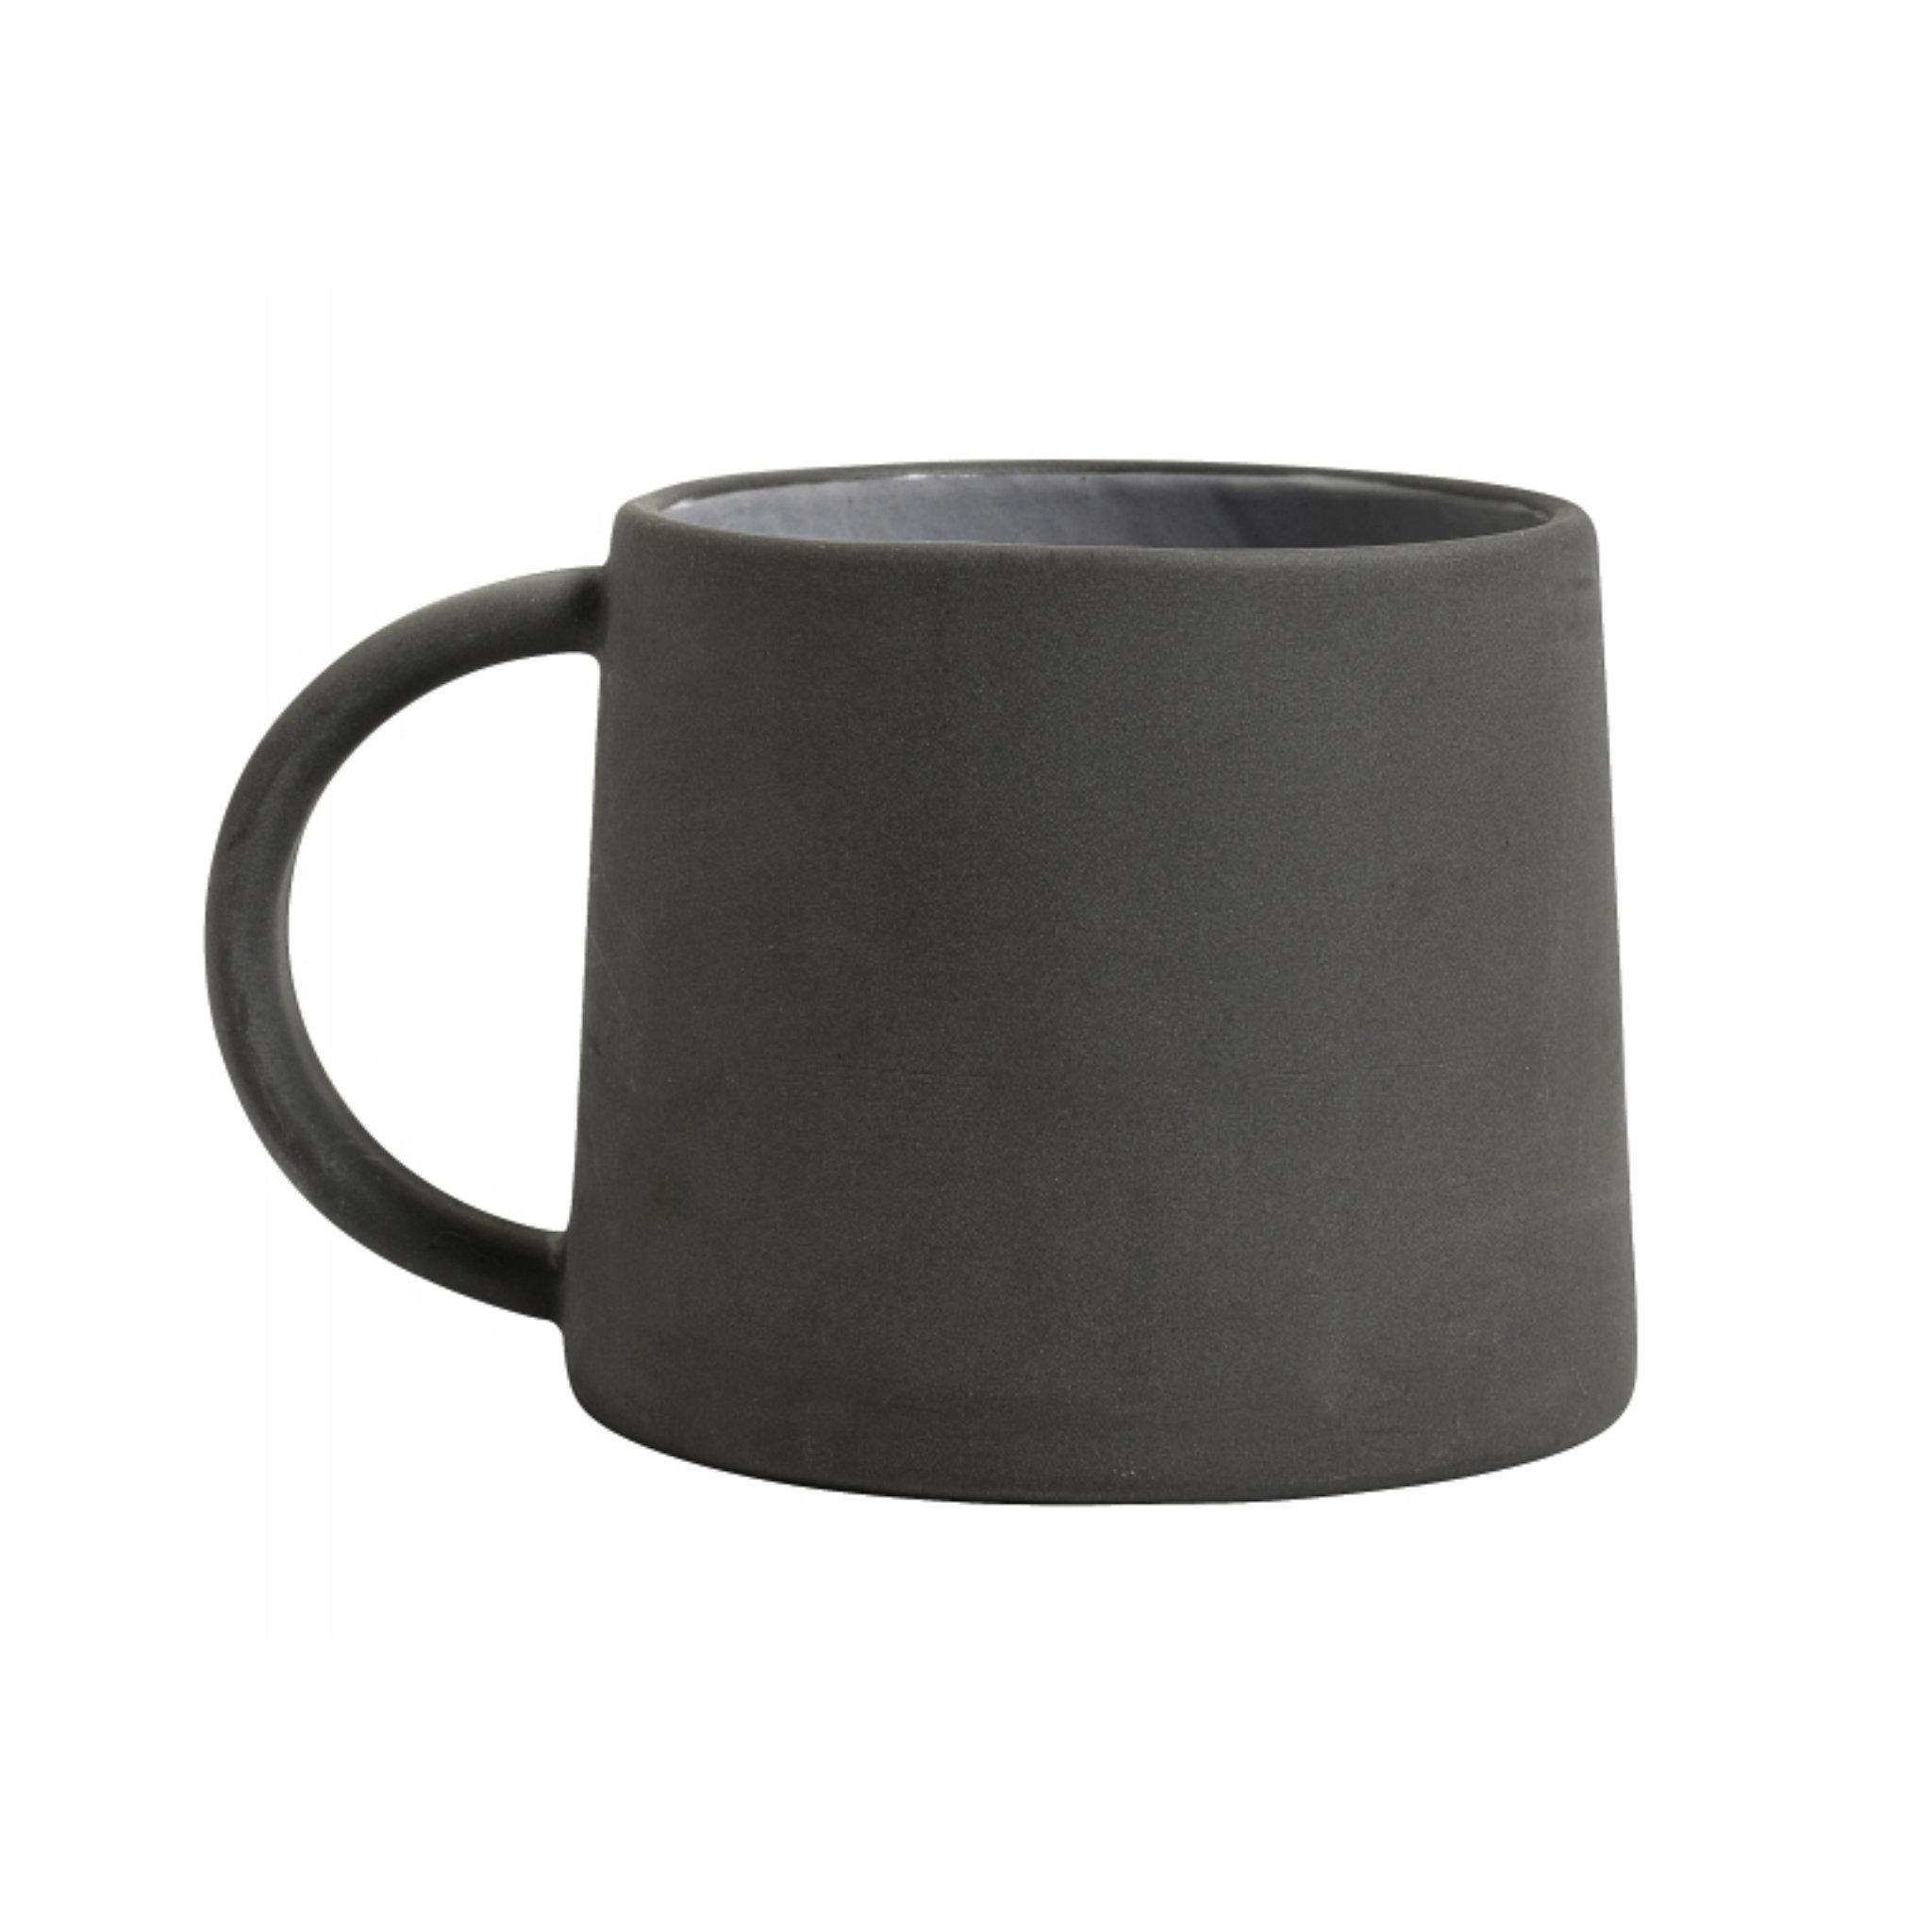 Nordal Stoneware Mug- Black